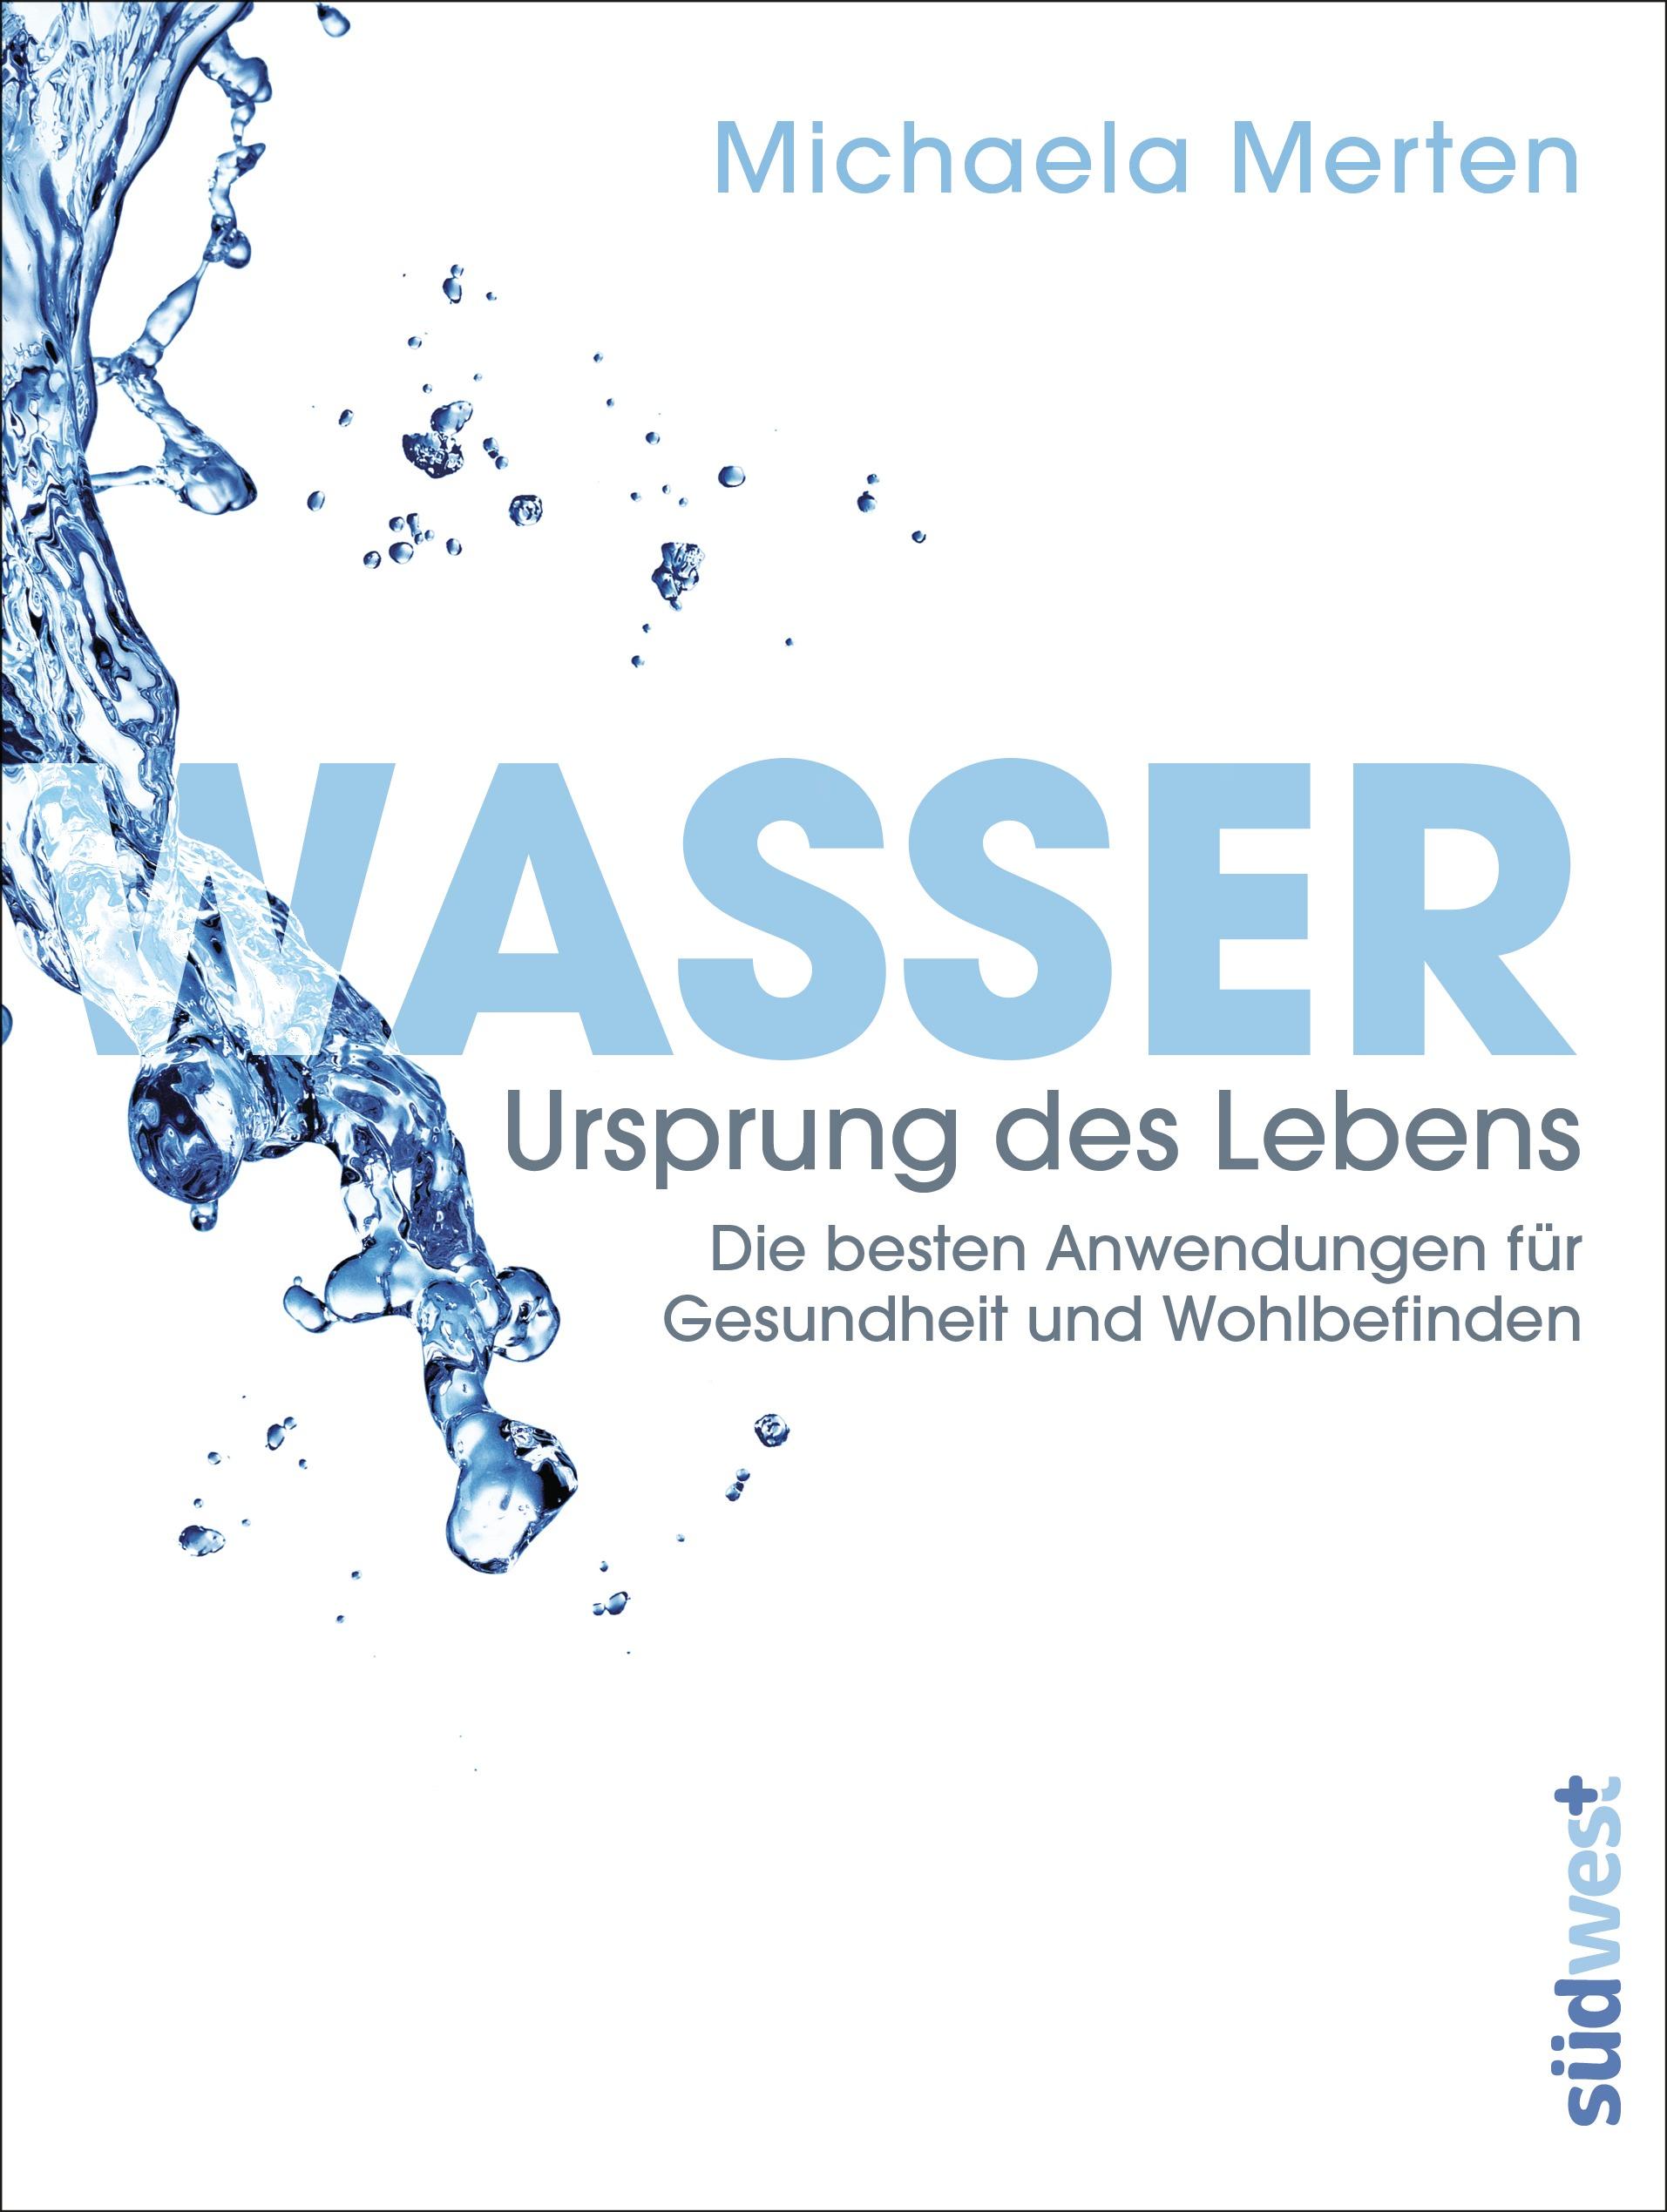 Wasser - Ursprung des Lebens von Michaela Merten